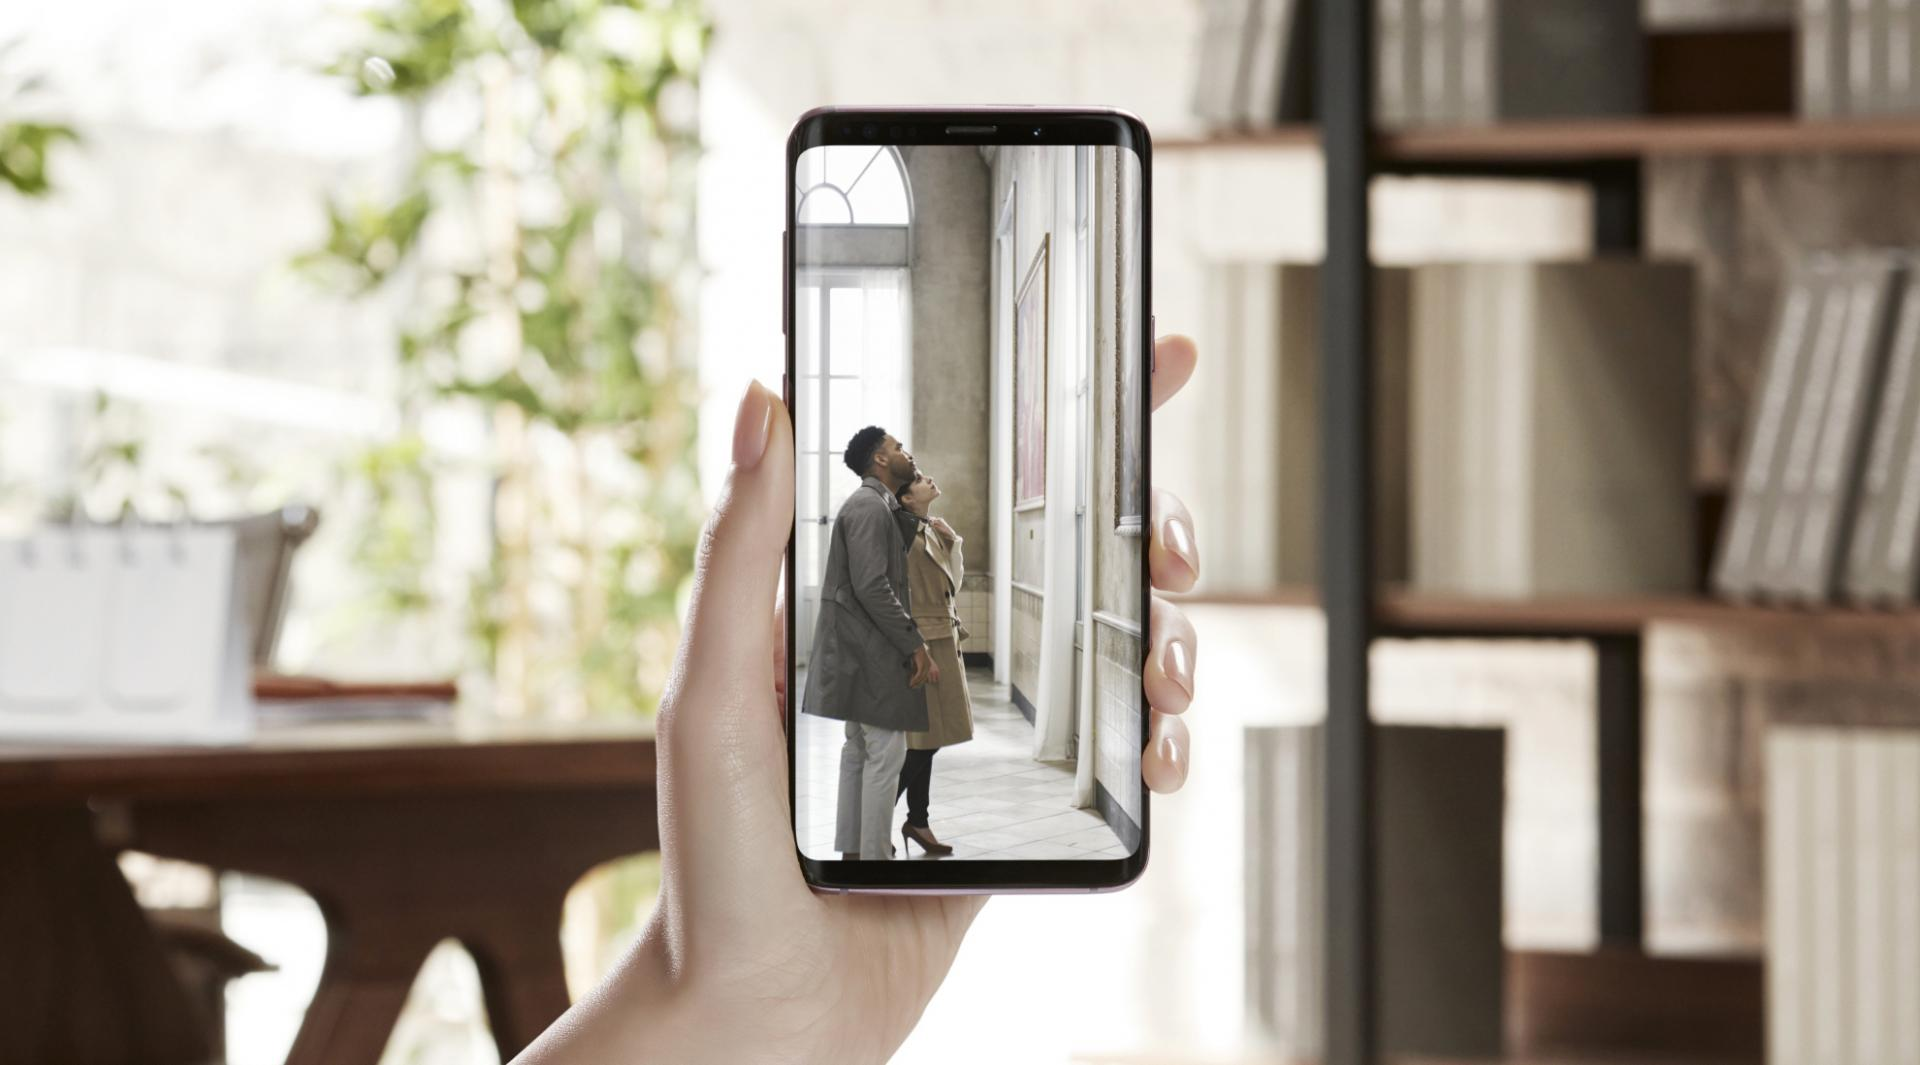 Samsung Galaxy S9 live streaming: come seguire la diretta